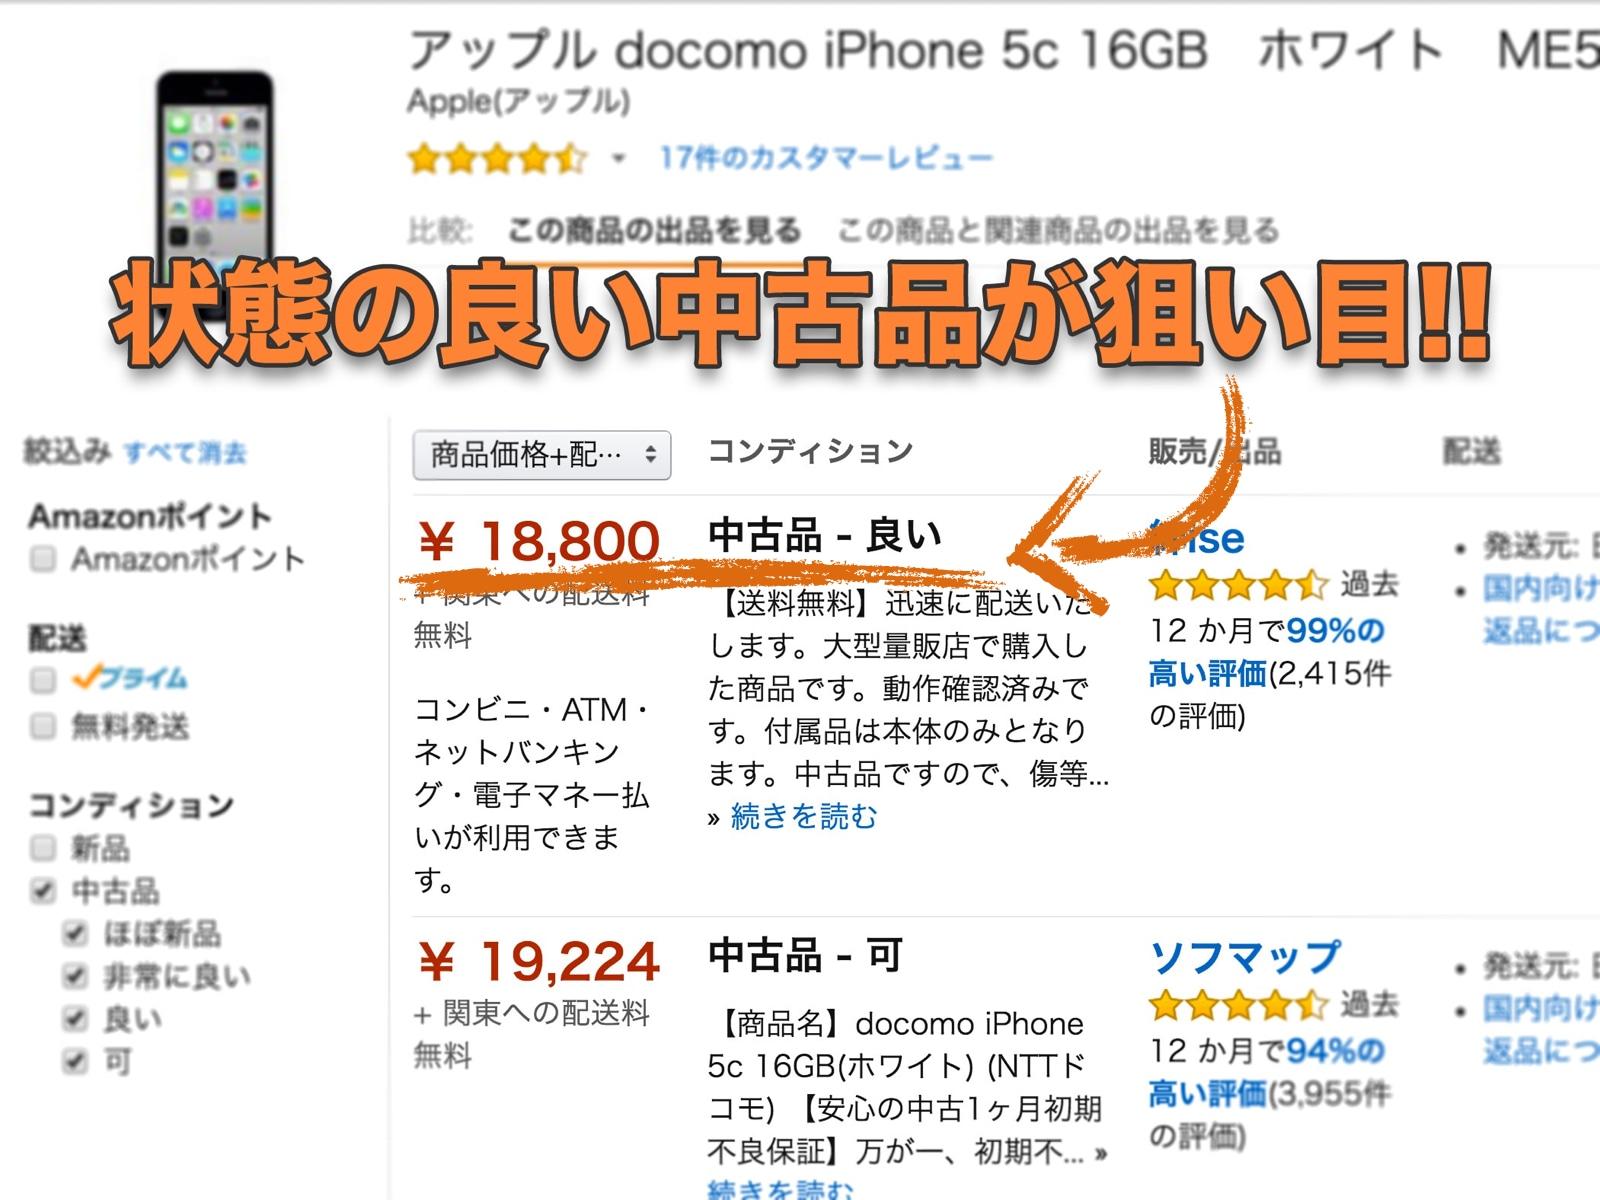 iphone 5c 中古 amazon